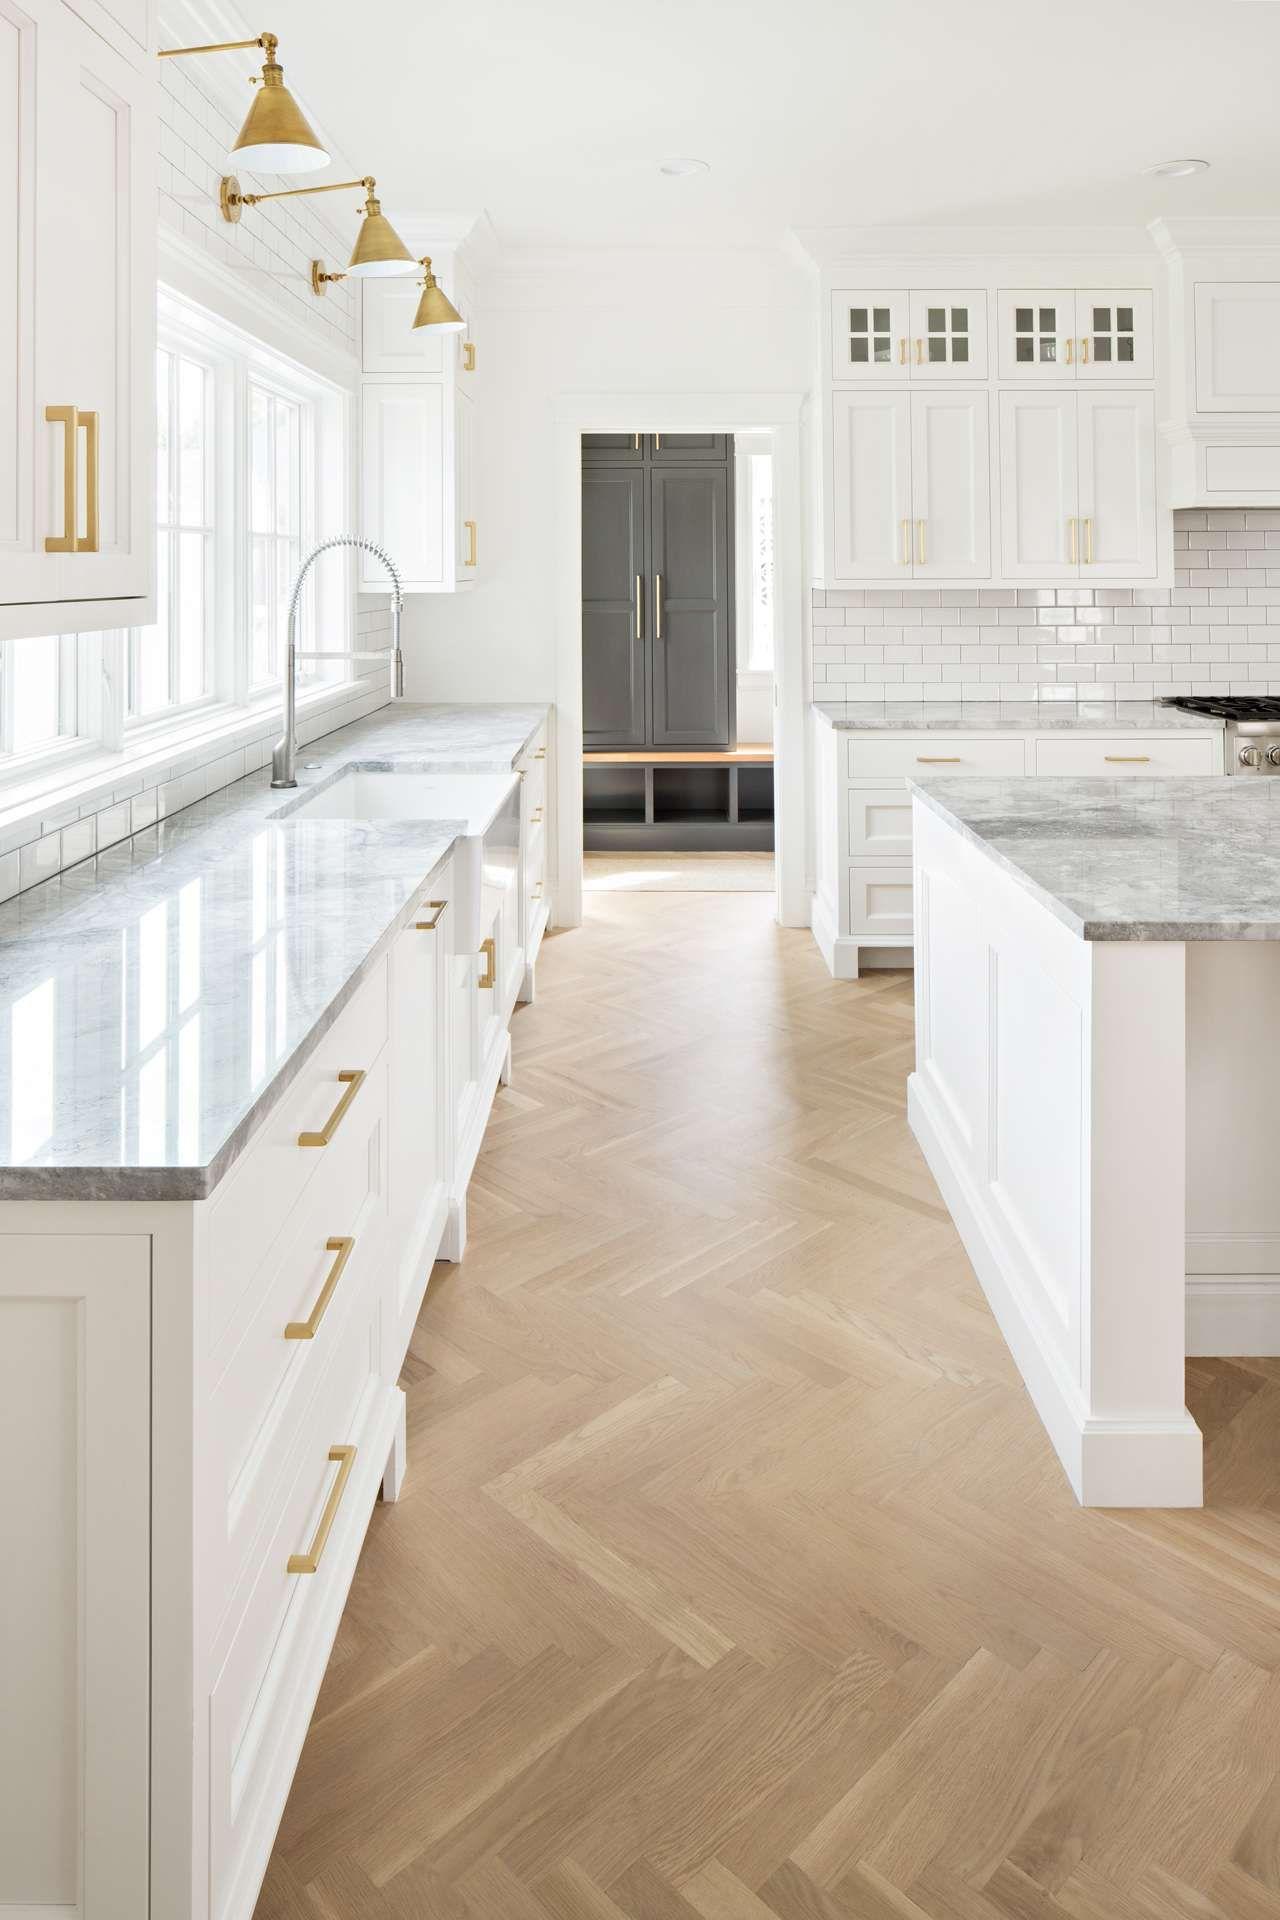 Brass Hardware Gray Countertops White Woodwork Fgc Herbert1845 24 Kitchen Design Kitchen Remodel Small Cottage Kitchen Design